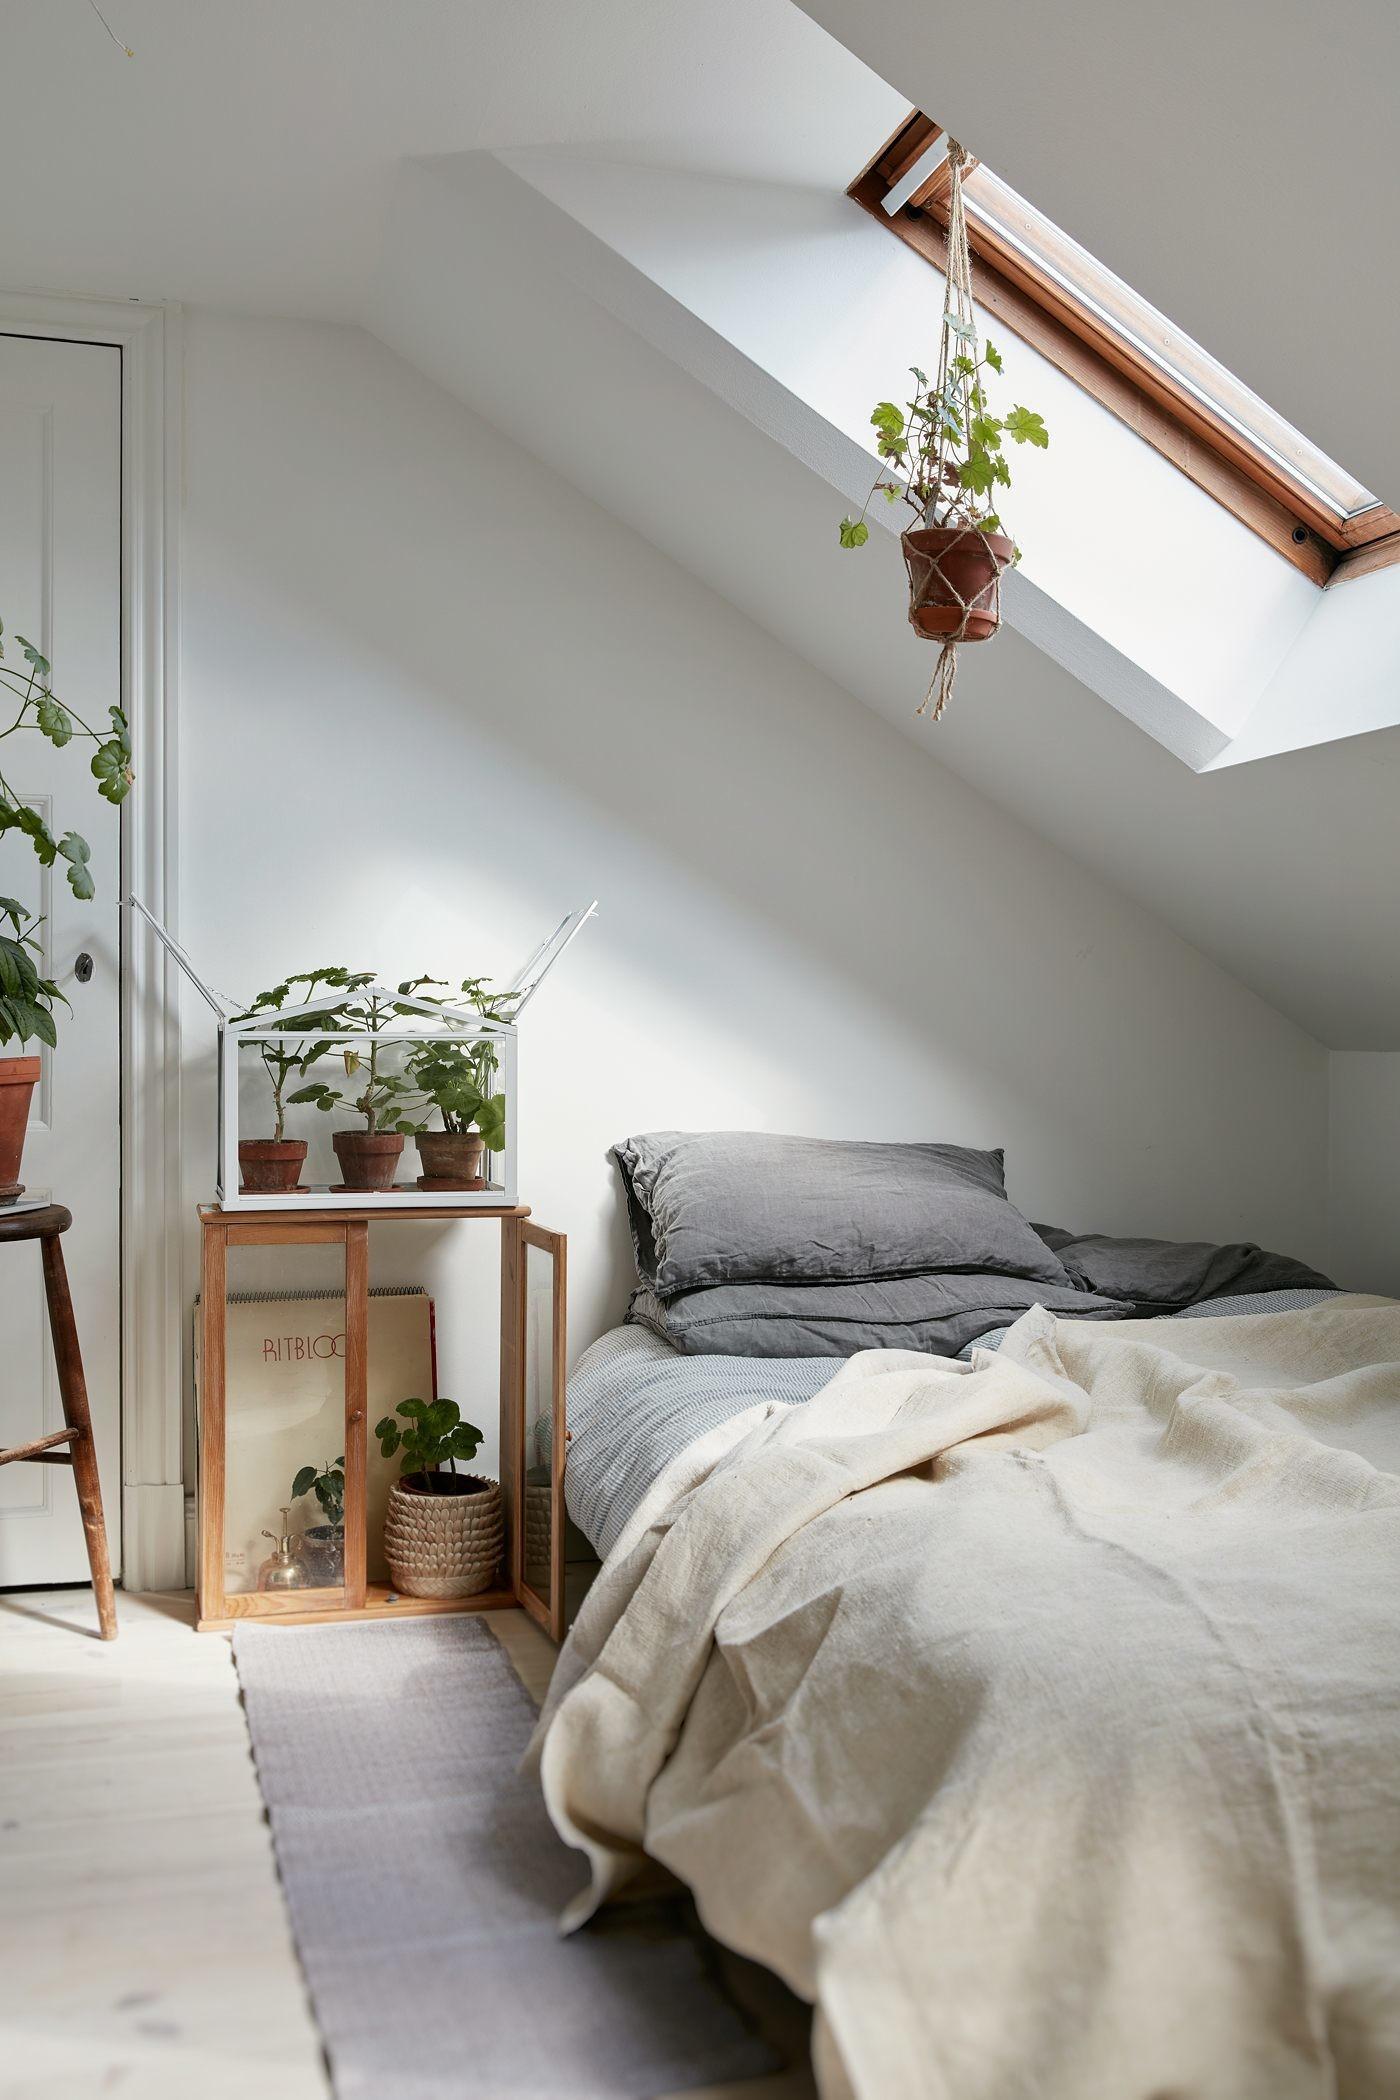 kamar putih di loteng bernuansa alami